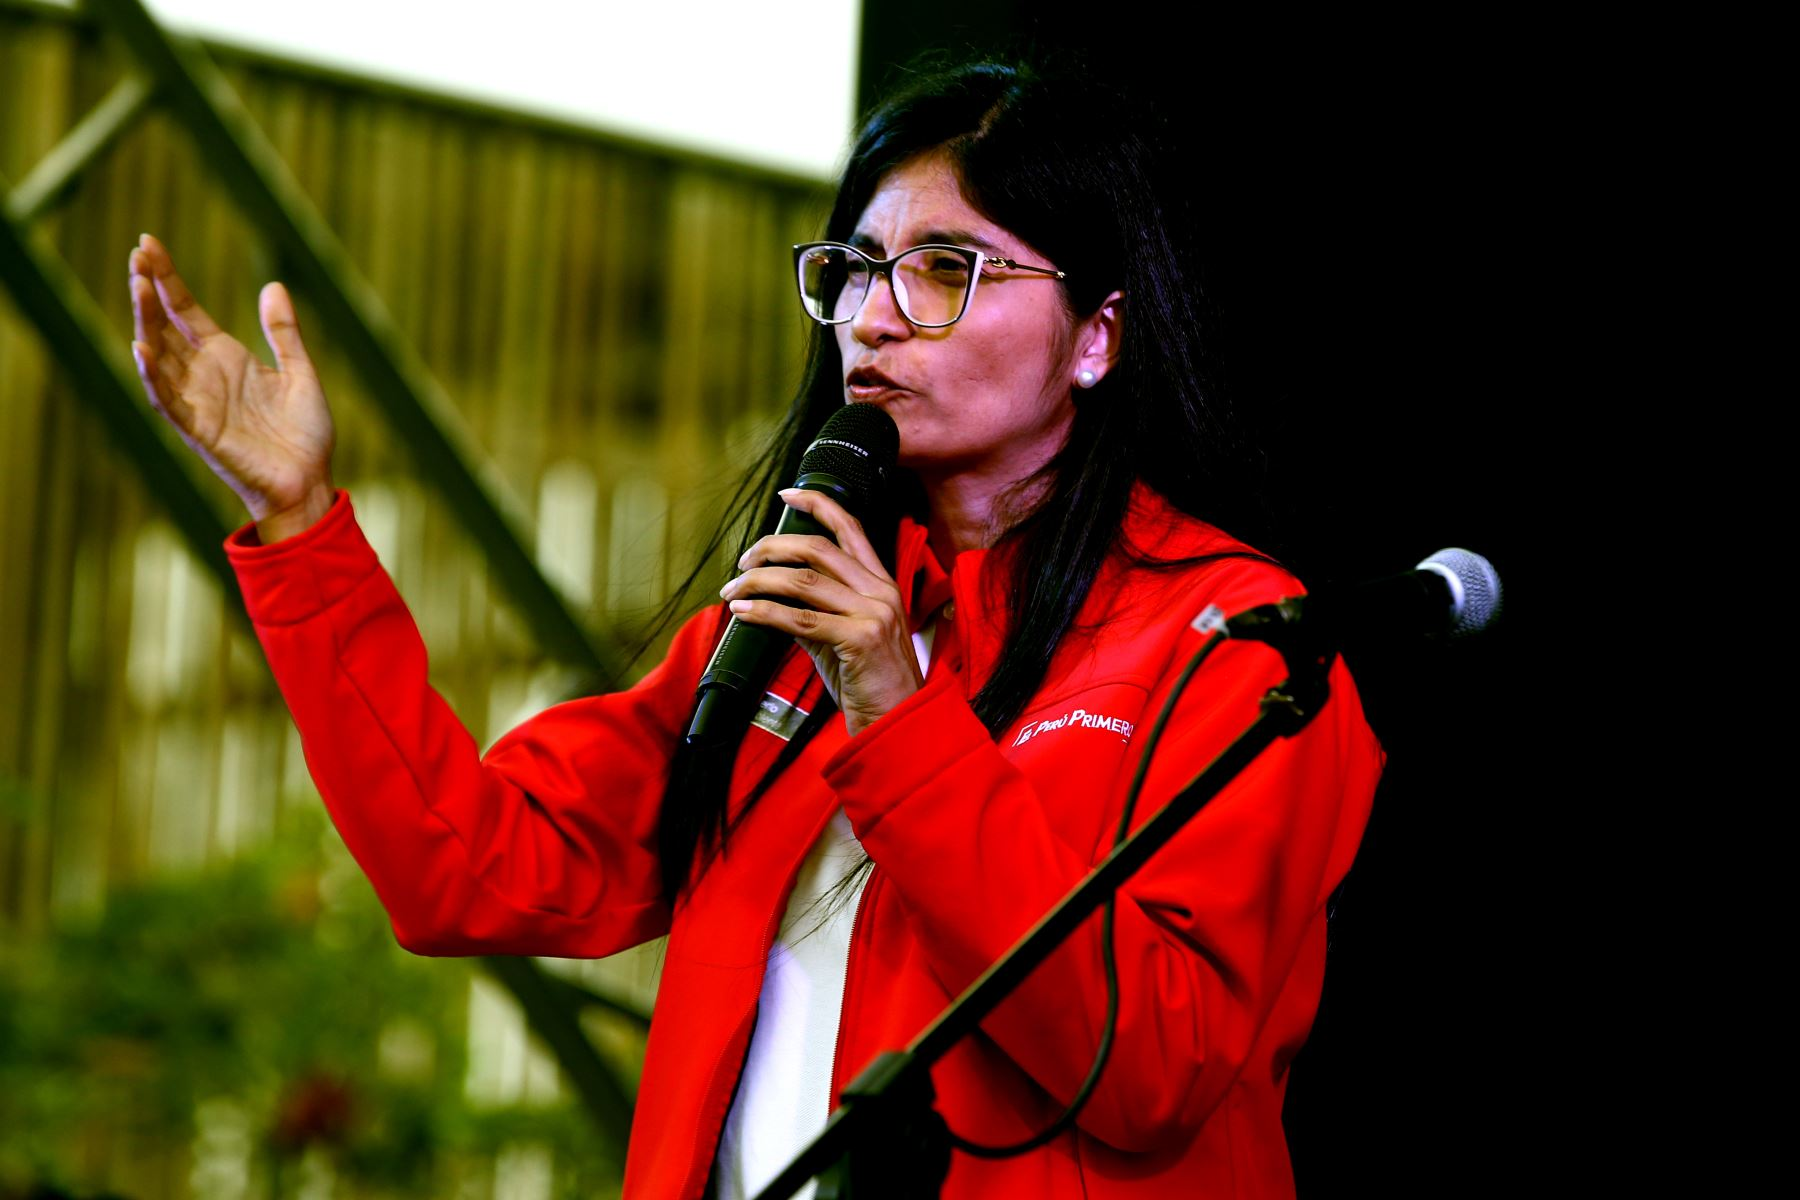 Lies Linares Santos, Viceministra de Gestión Ambiental del Ministerio del Ambiente, en el marco de las celebraciones por el Día Internacional del Voluntariado, se realiza la primera Festival de Voluntariados del Bicentenario , en el parque Ecológico Voces por el Clima, en Santiago de Surco. Foto: ANDINA/Vidal Tarqui